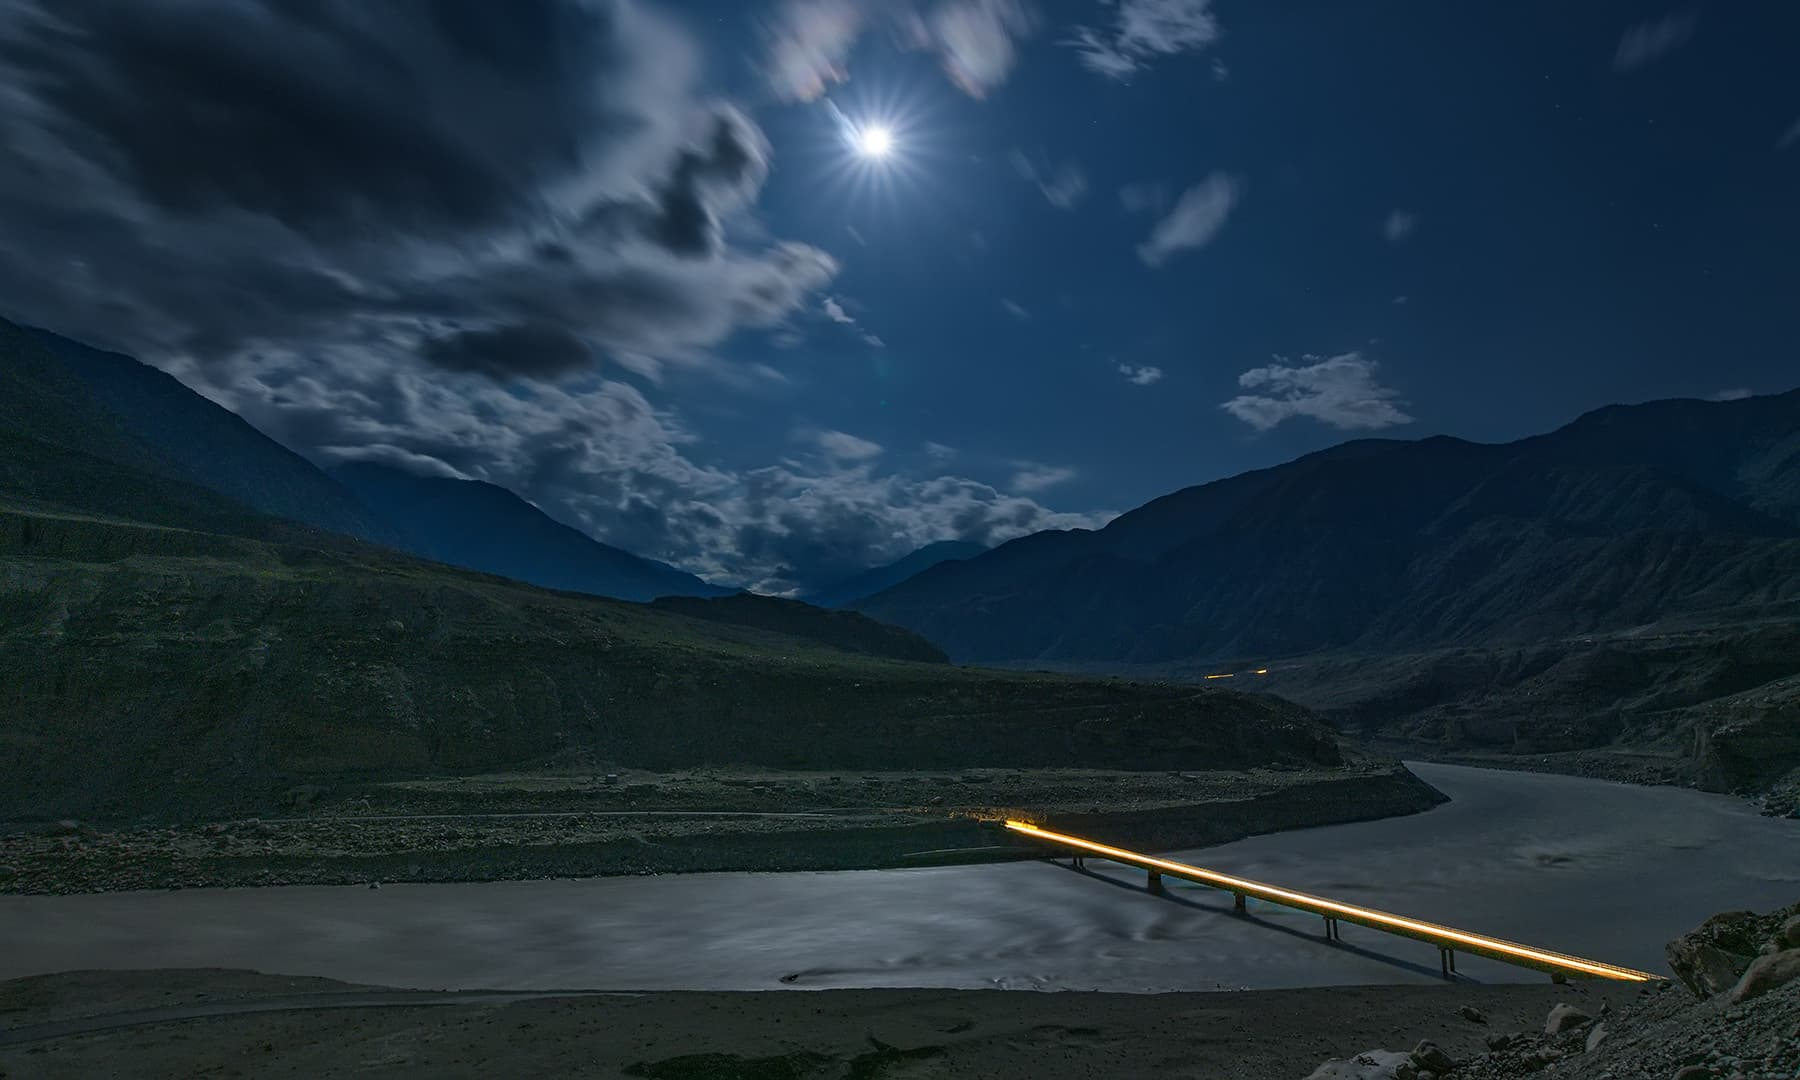 استور میں دریائے سندھ پر بنا پل اور چاند کی روشنی